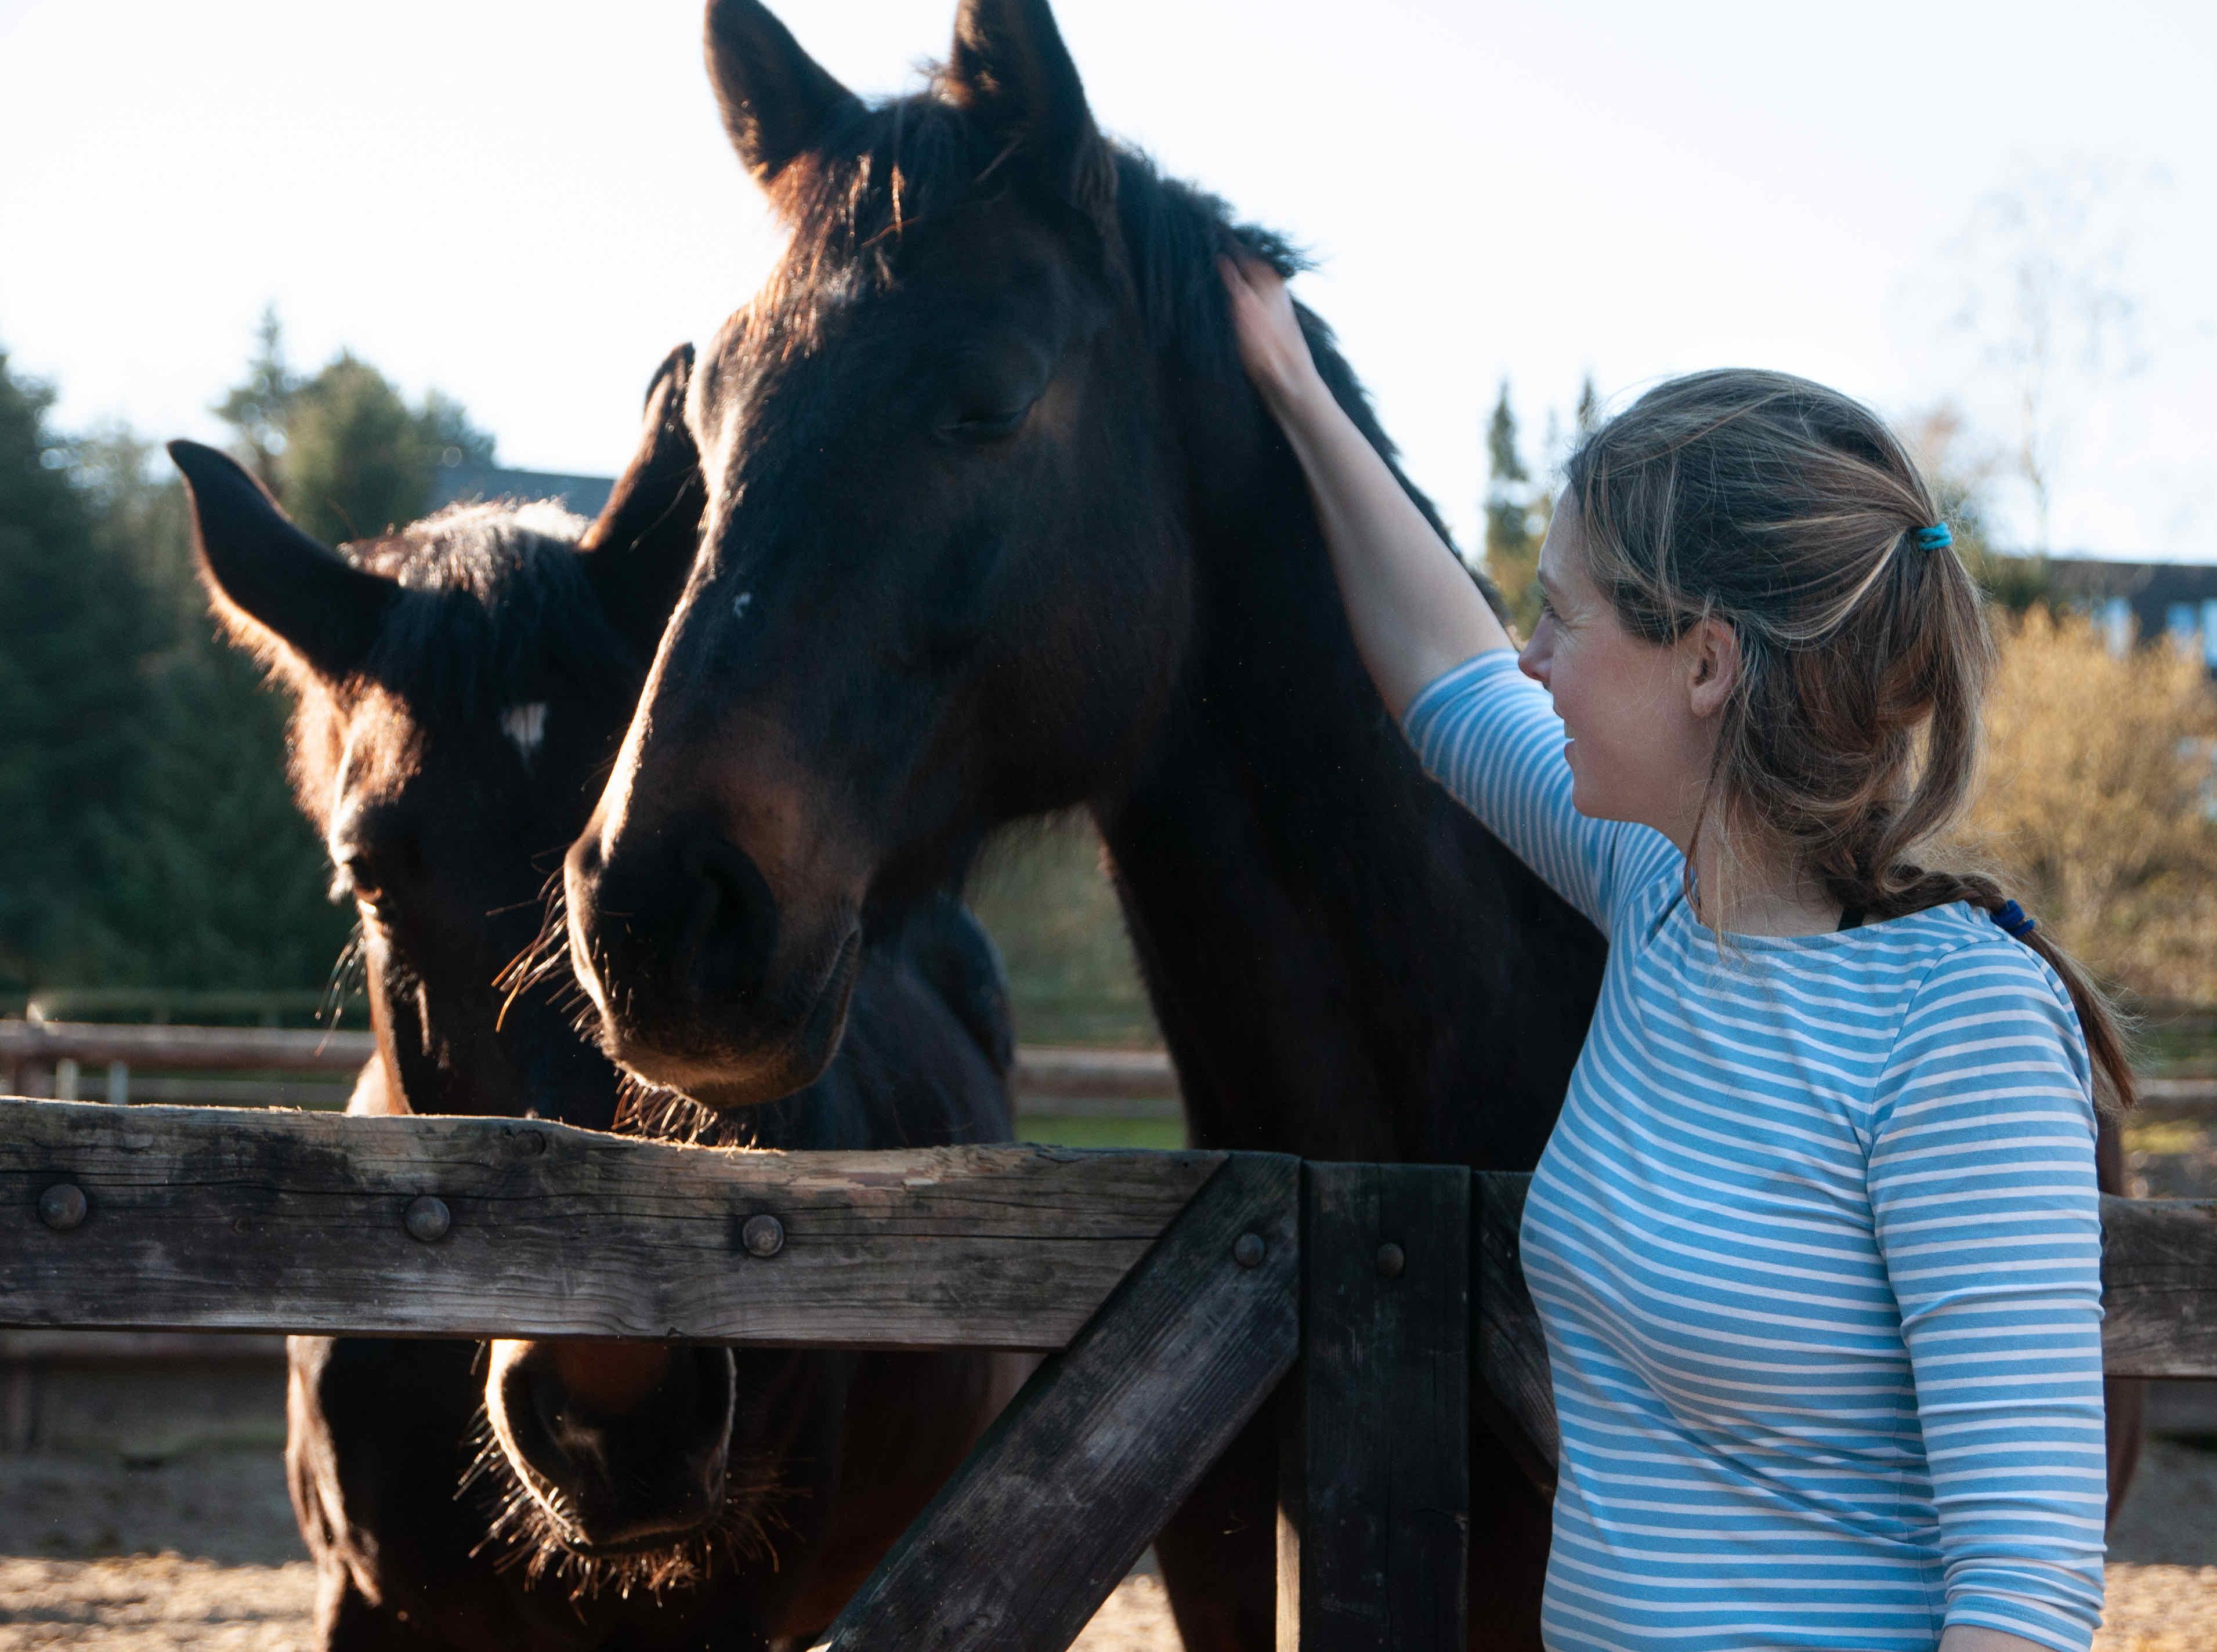 Zwei braune Pferde am Koppelzaun, Frau daneben streichelt ein Pferd.